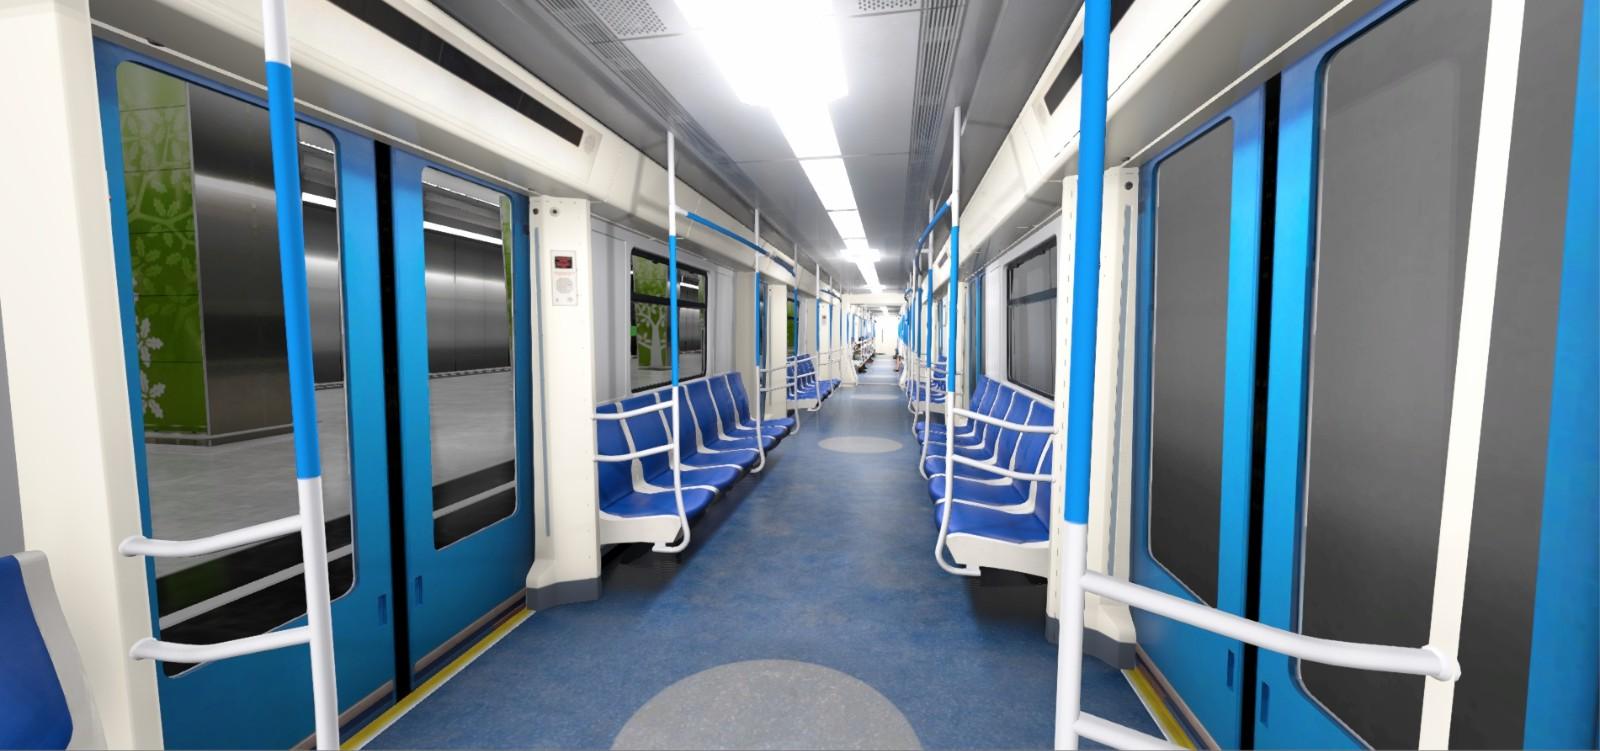 Steam《地铁模拟器》史低特惠 体验开地铁的快感